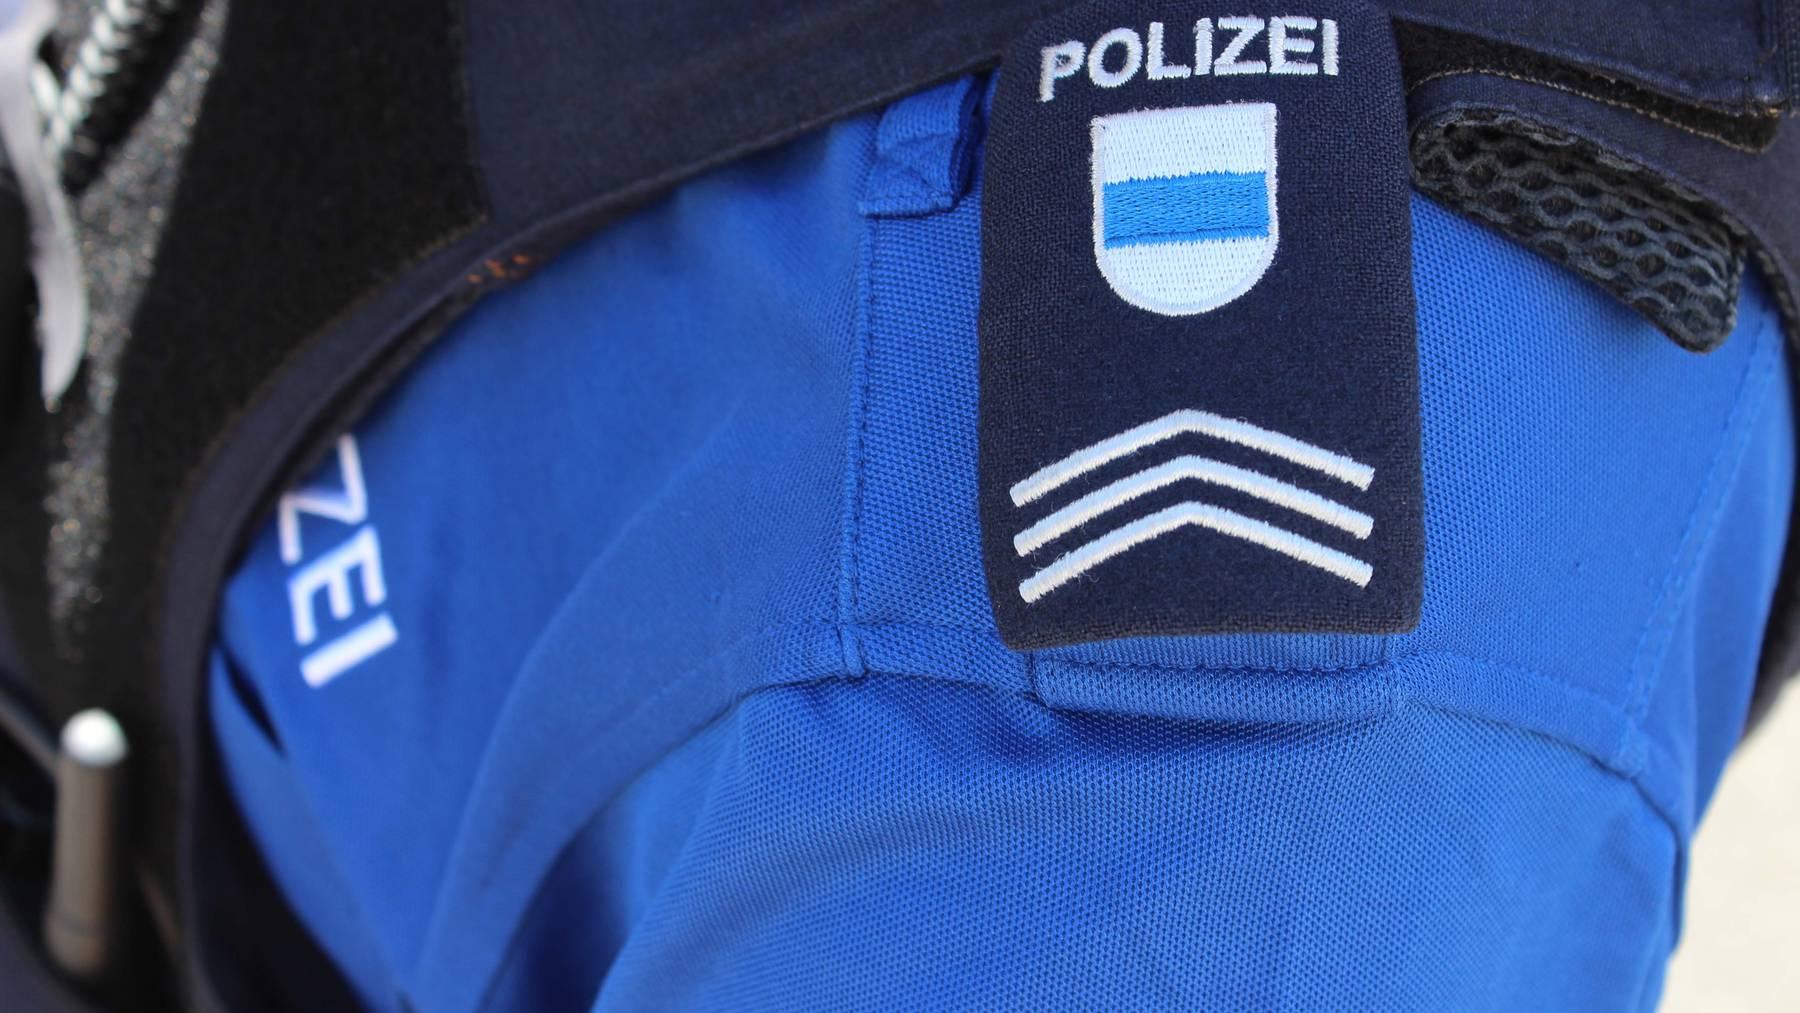 Unbekannter zerreisst Oberteil von Frau in Zug